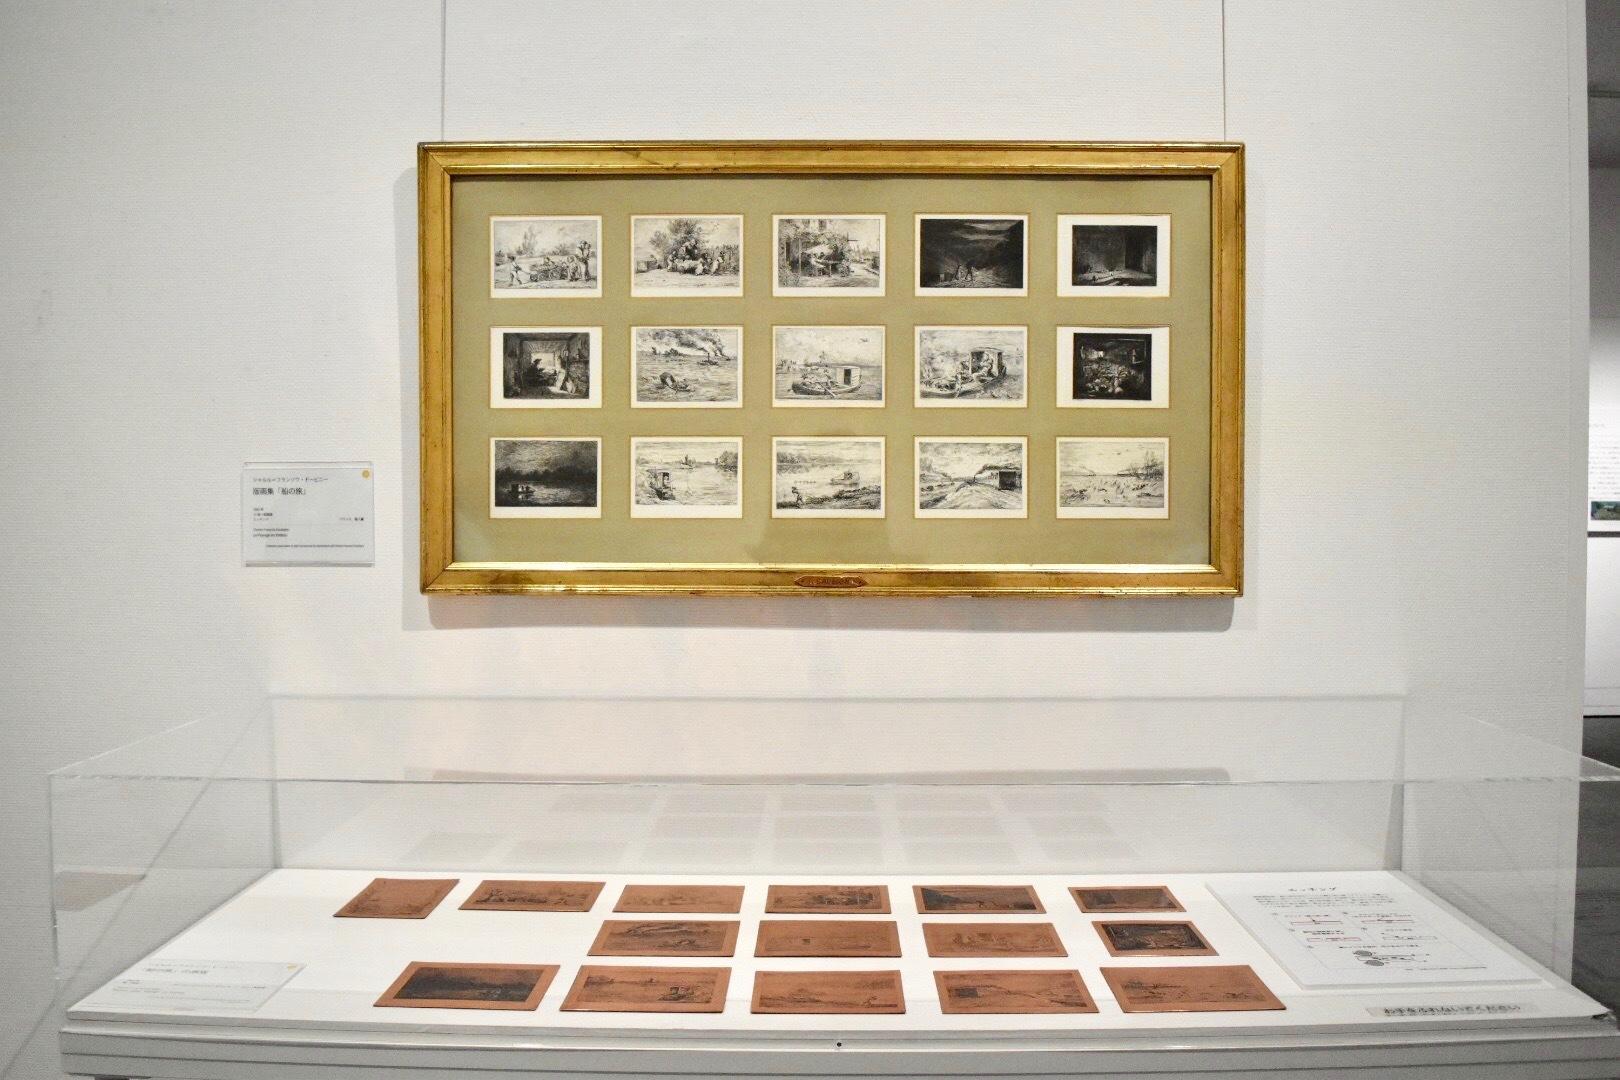 上:シャルル=フランソワ・ドービニー 版画集「船の旅」 1862年 個人蔵 下:同画家 「船の旅」の原版 1862年 ドービニー美術館蔵